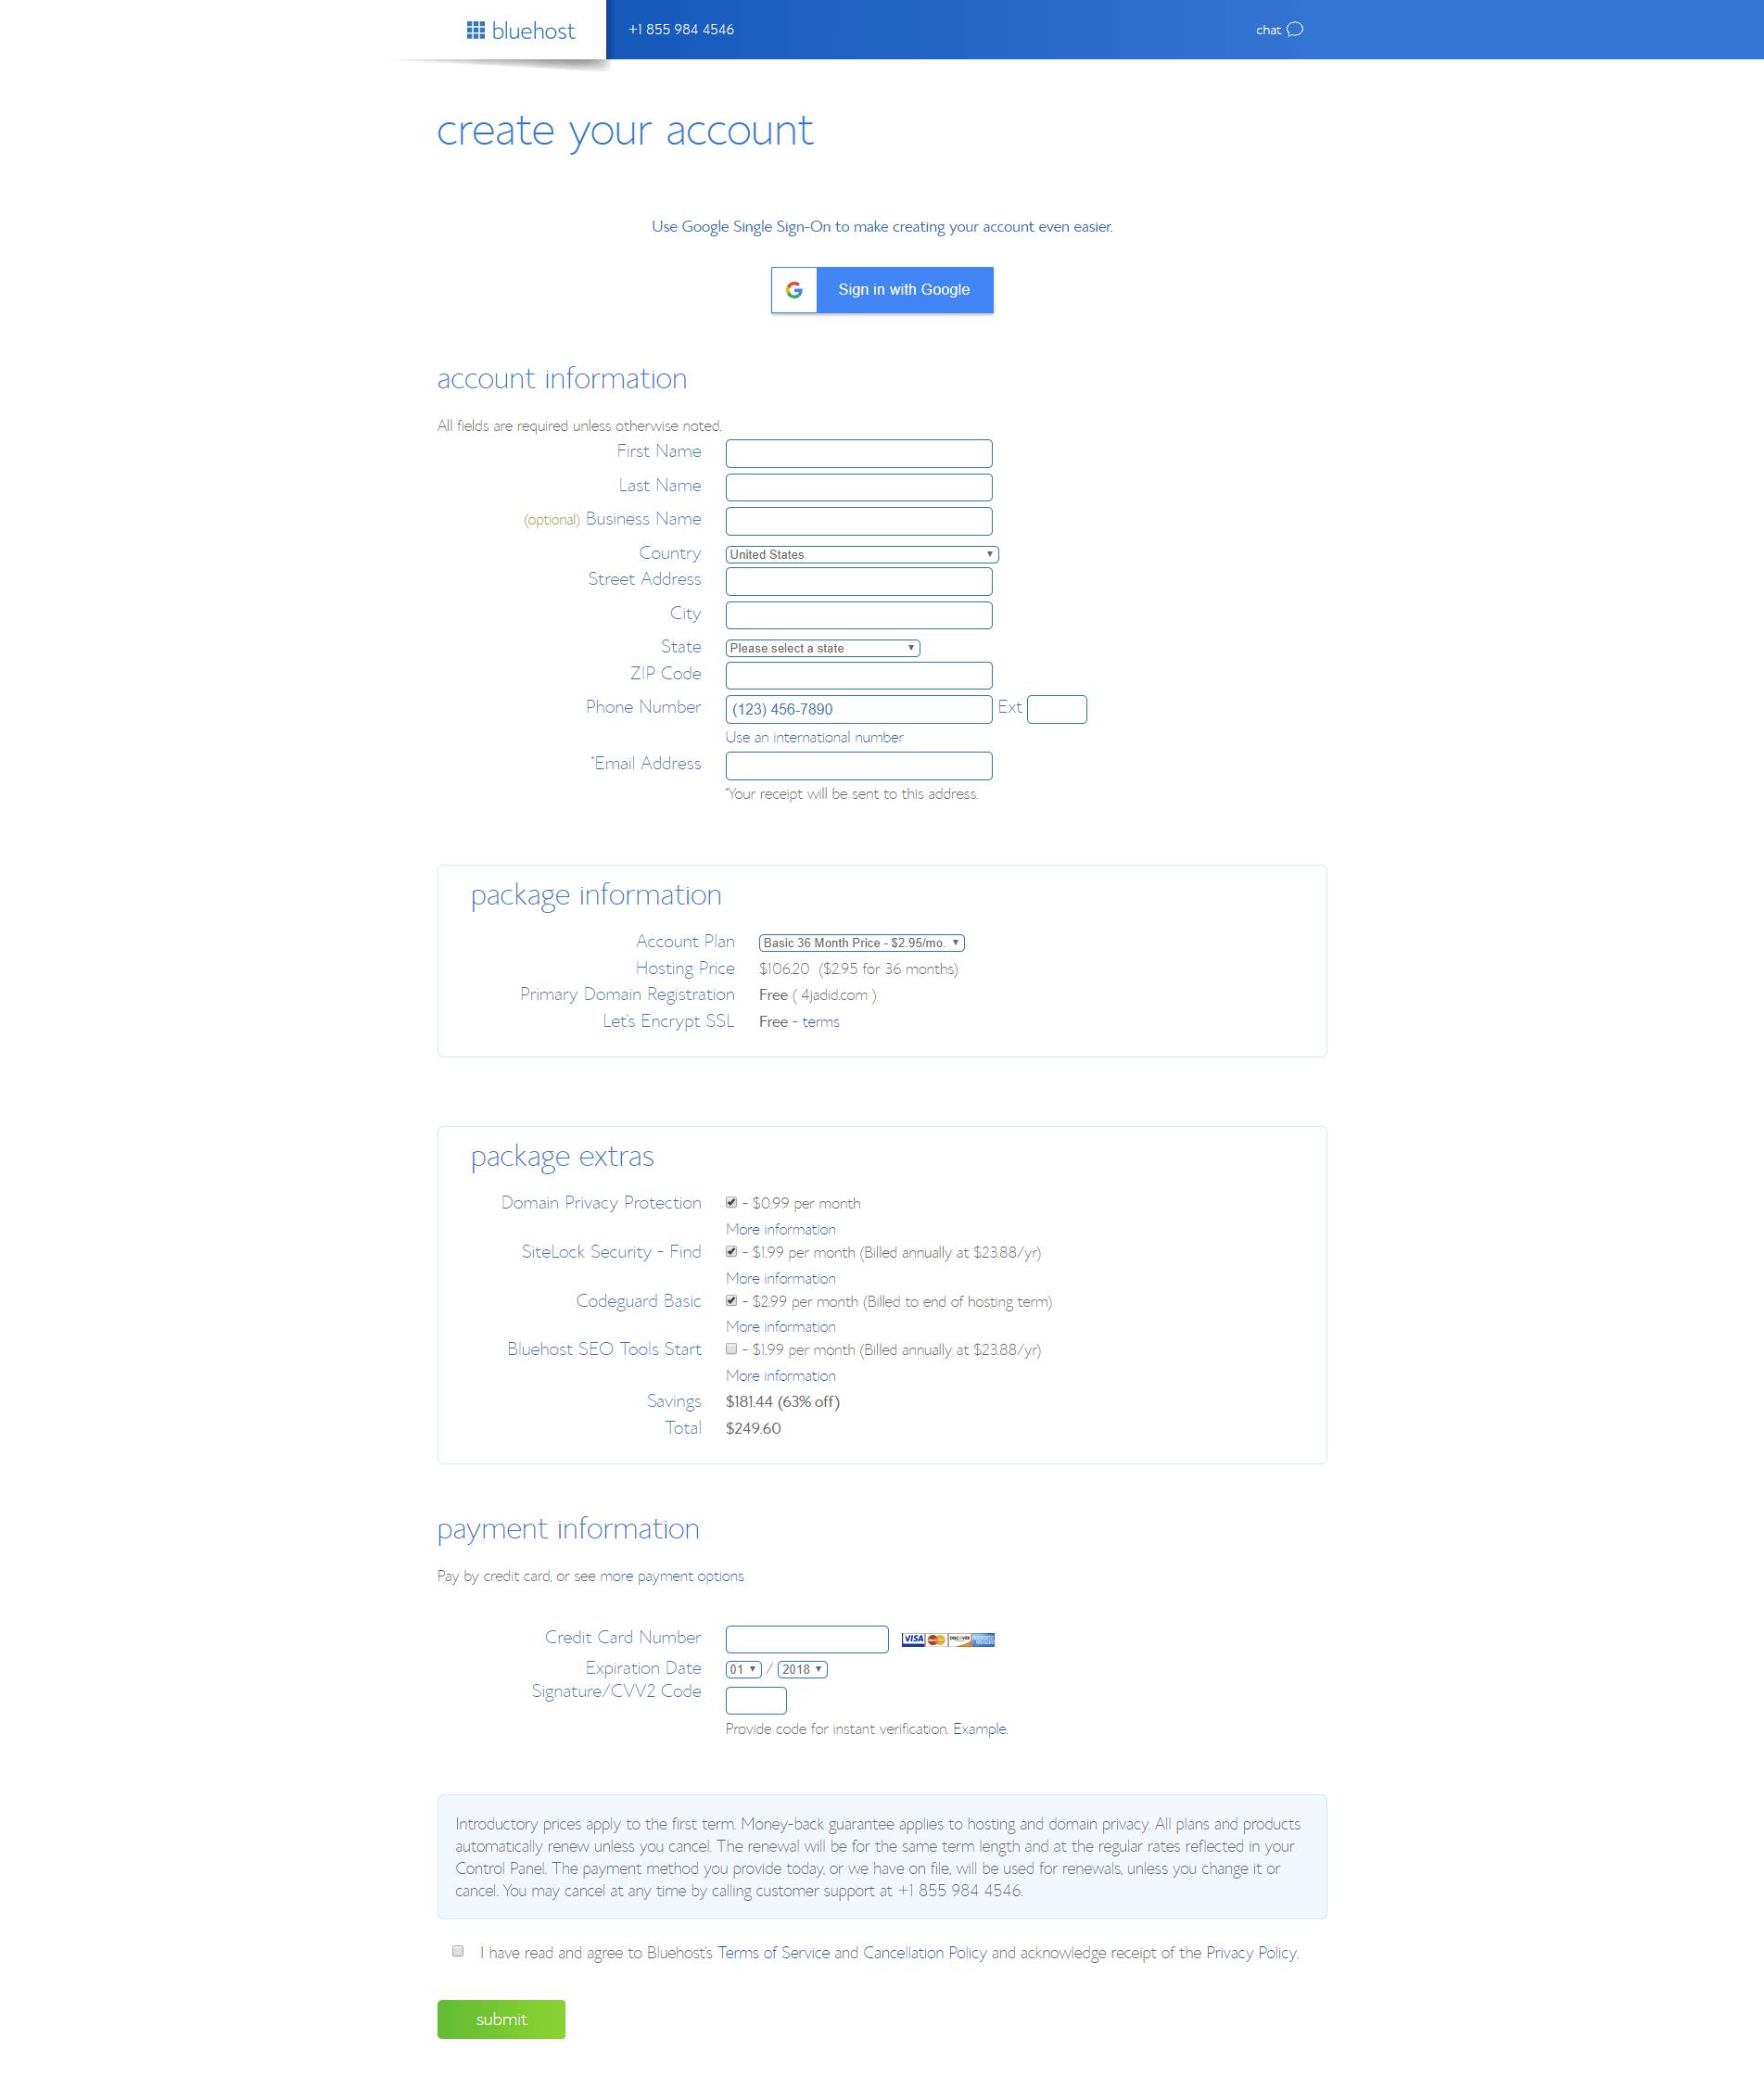 مضيف الويبWeb Host والدومينDomain